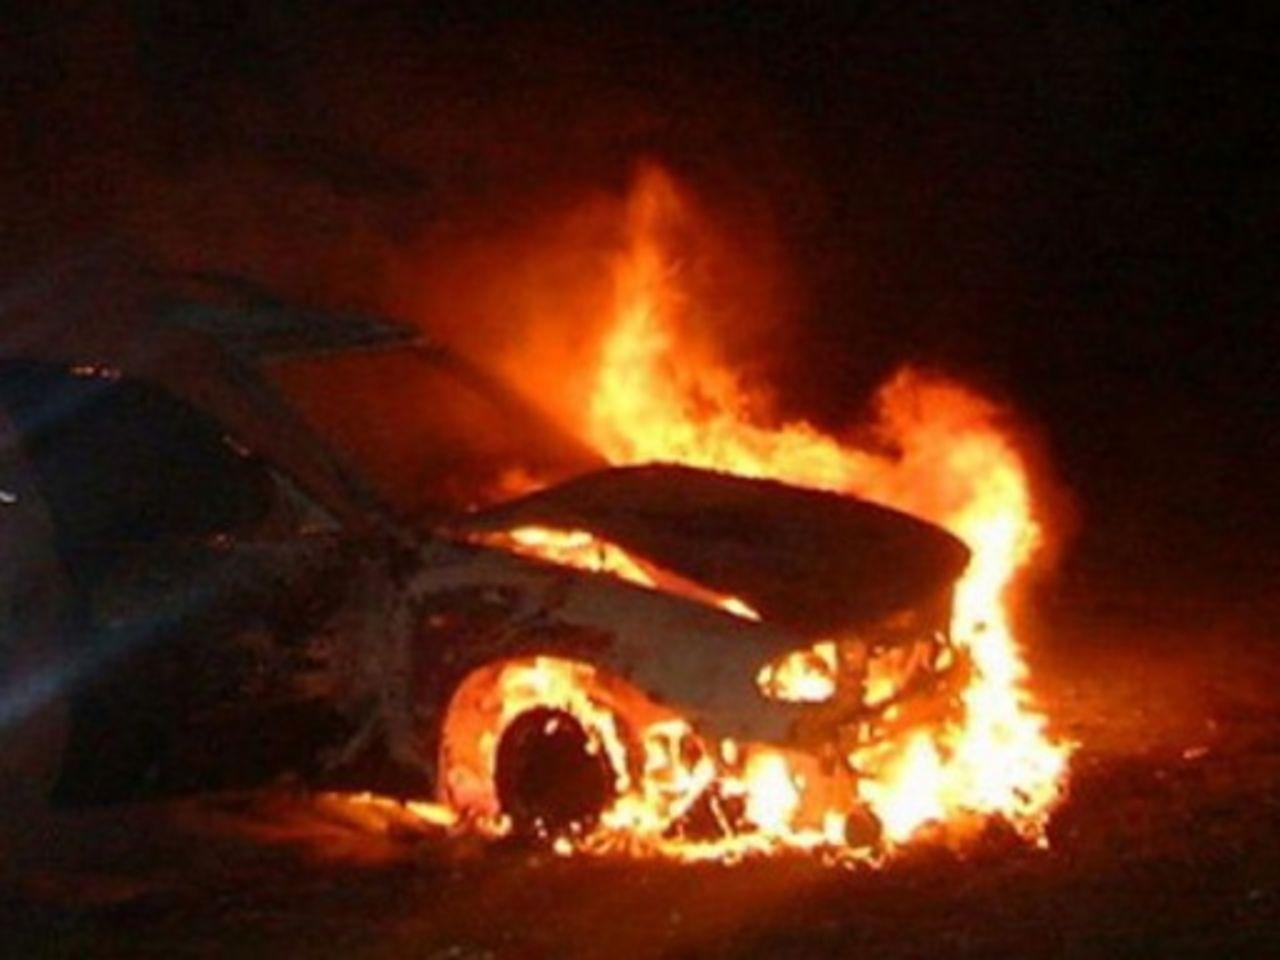 Жительница Актобе сожгла автомобиль бывшего мужа